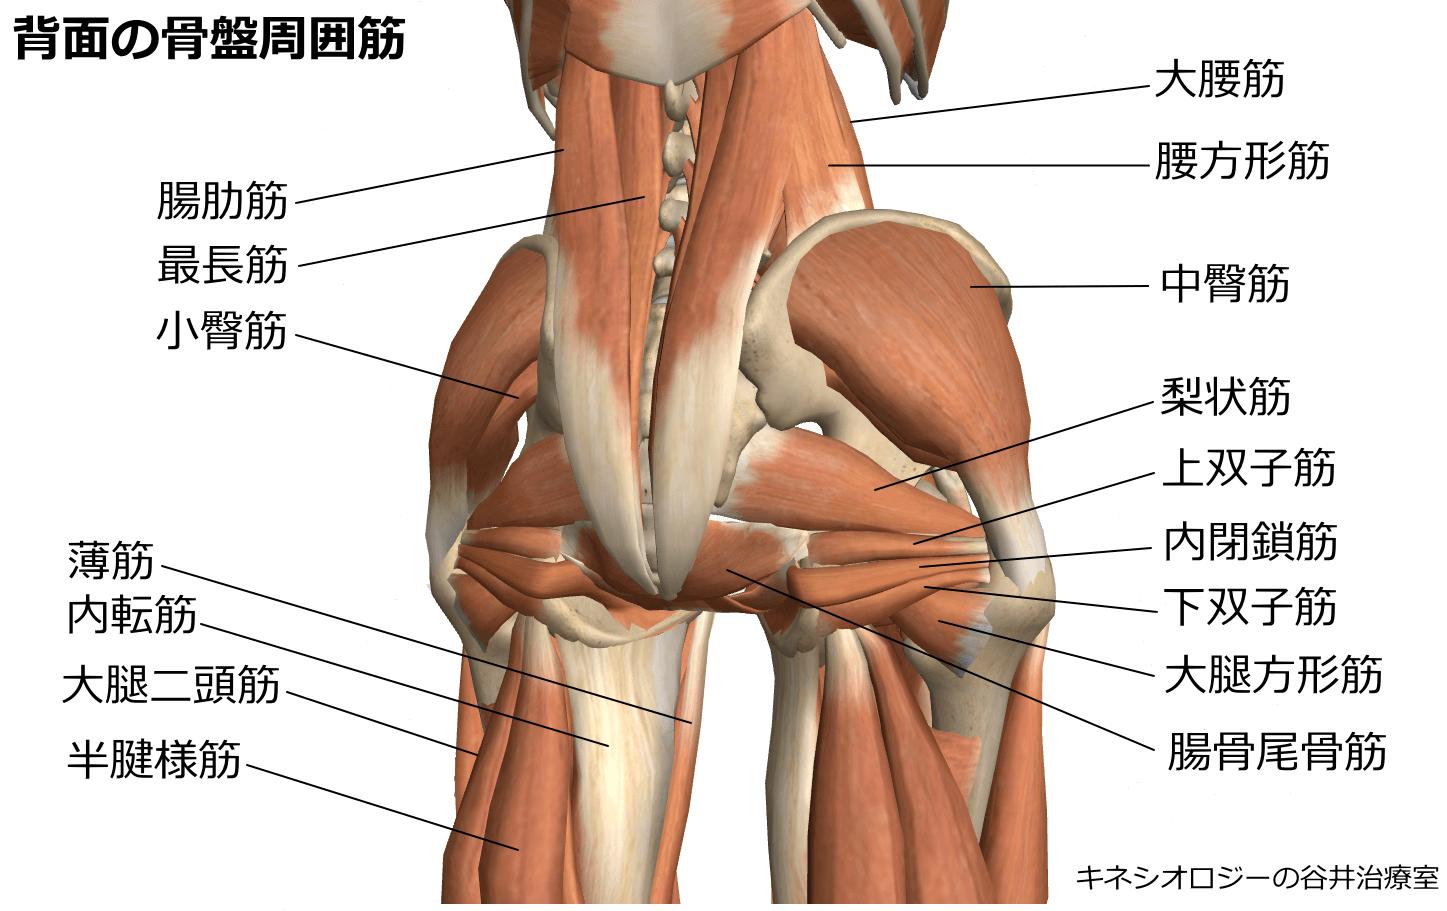 札幌股関節痛整体治療院・背部骨盤筋